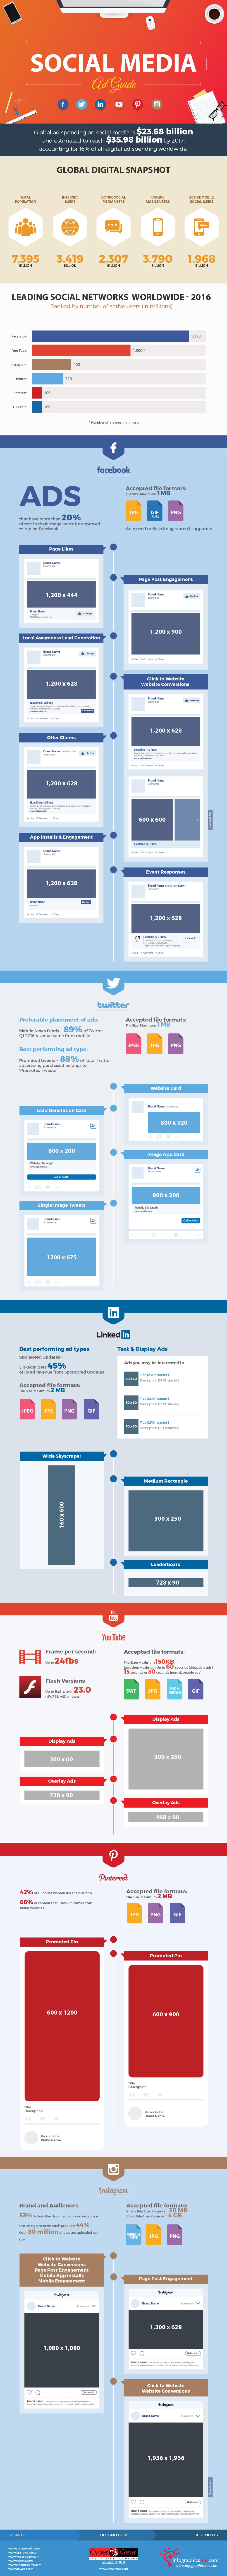 Social Media Ad Guide